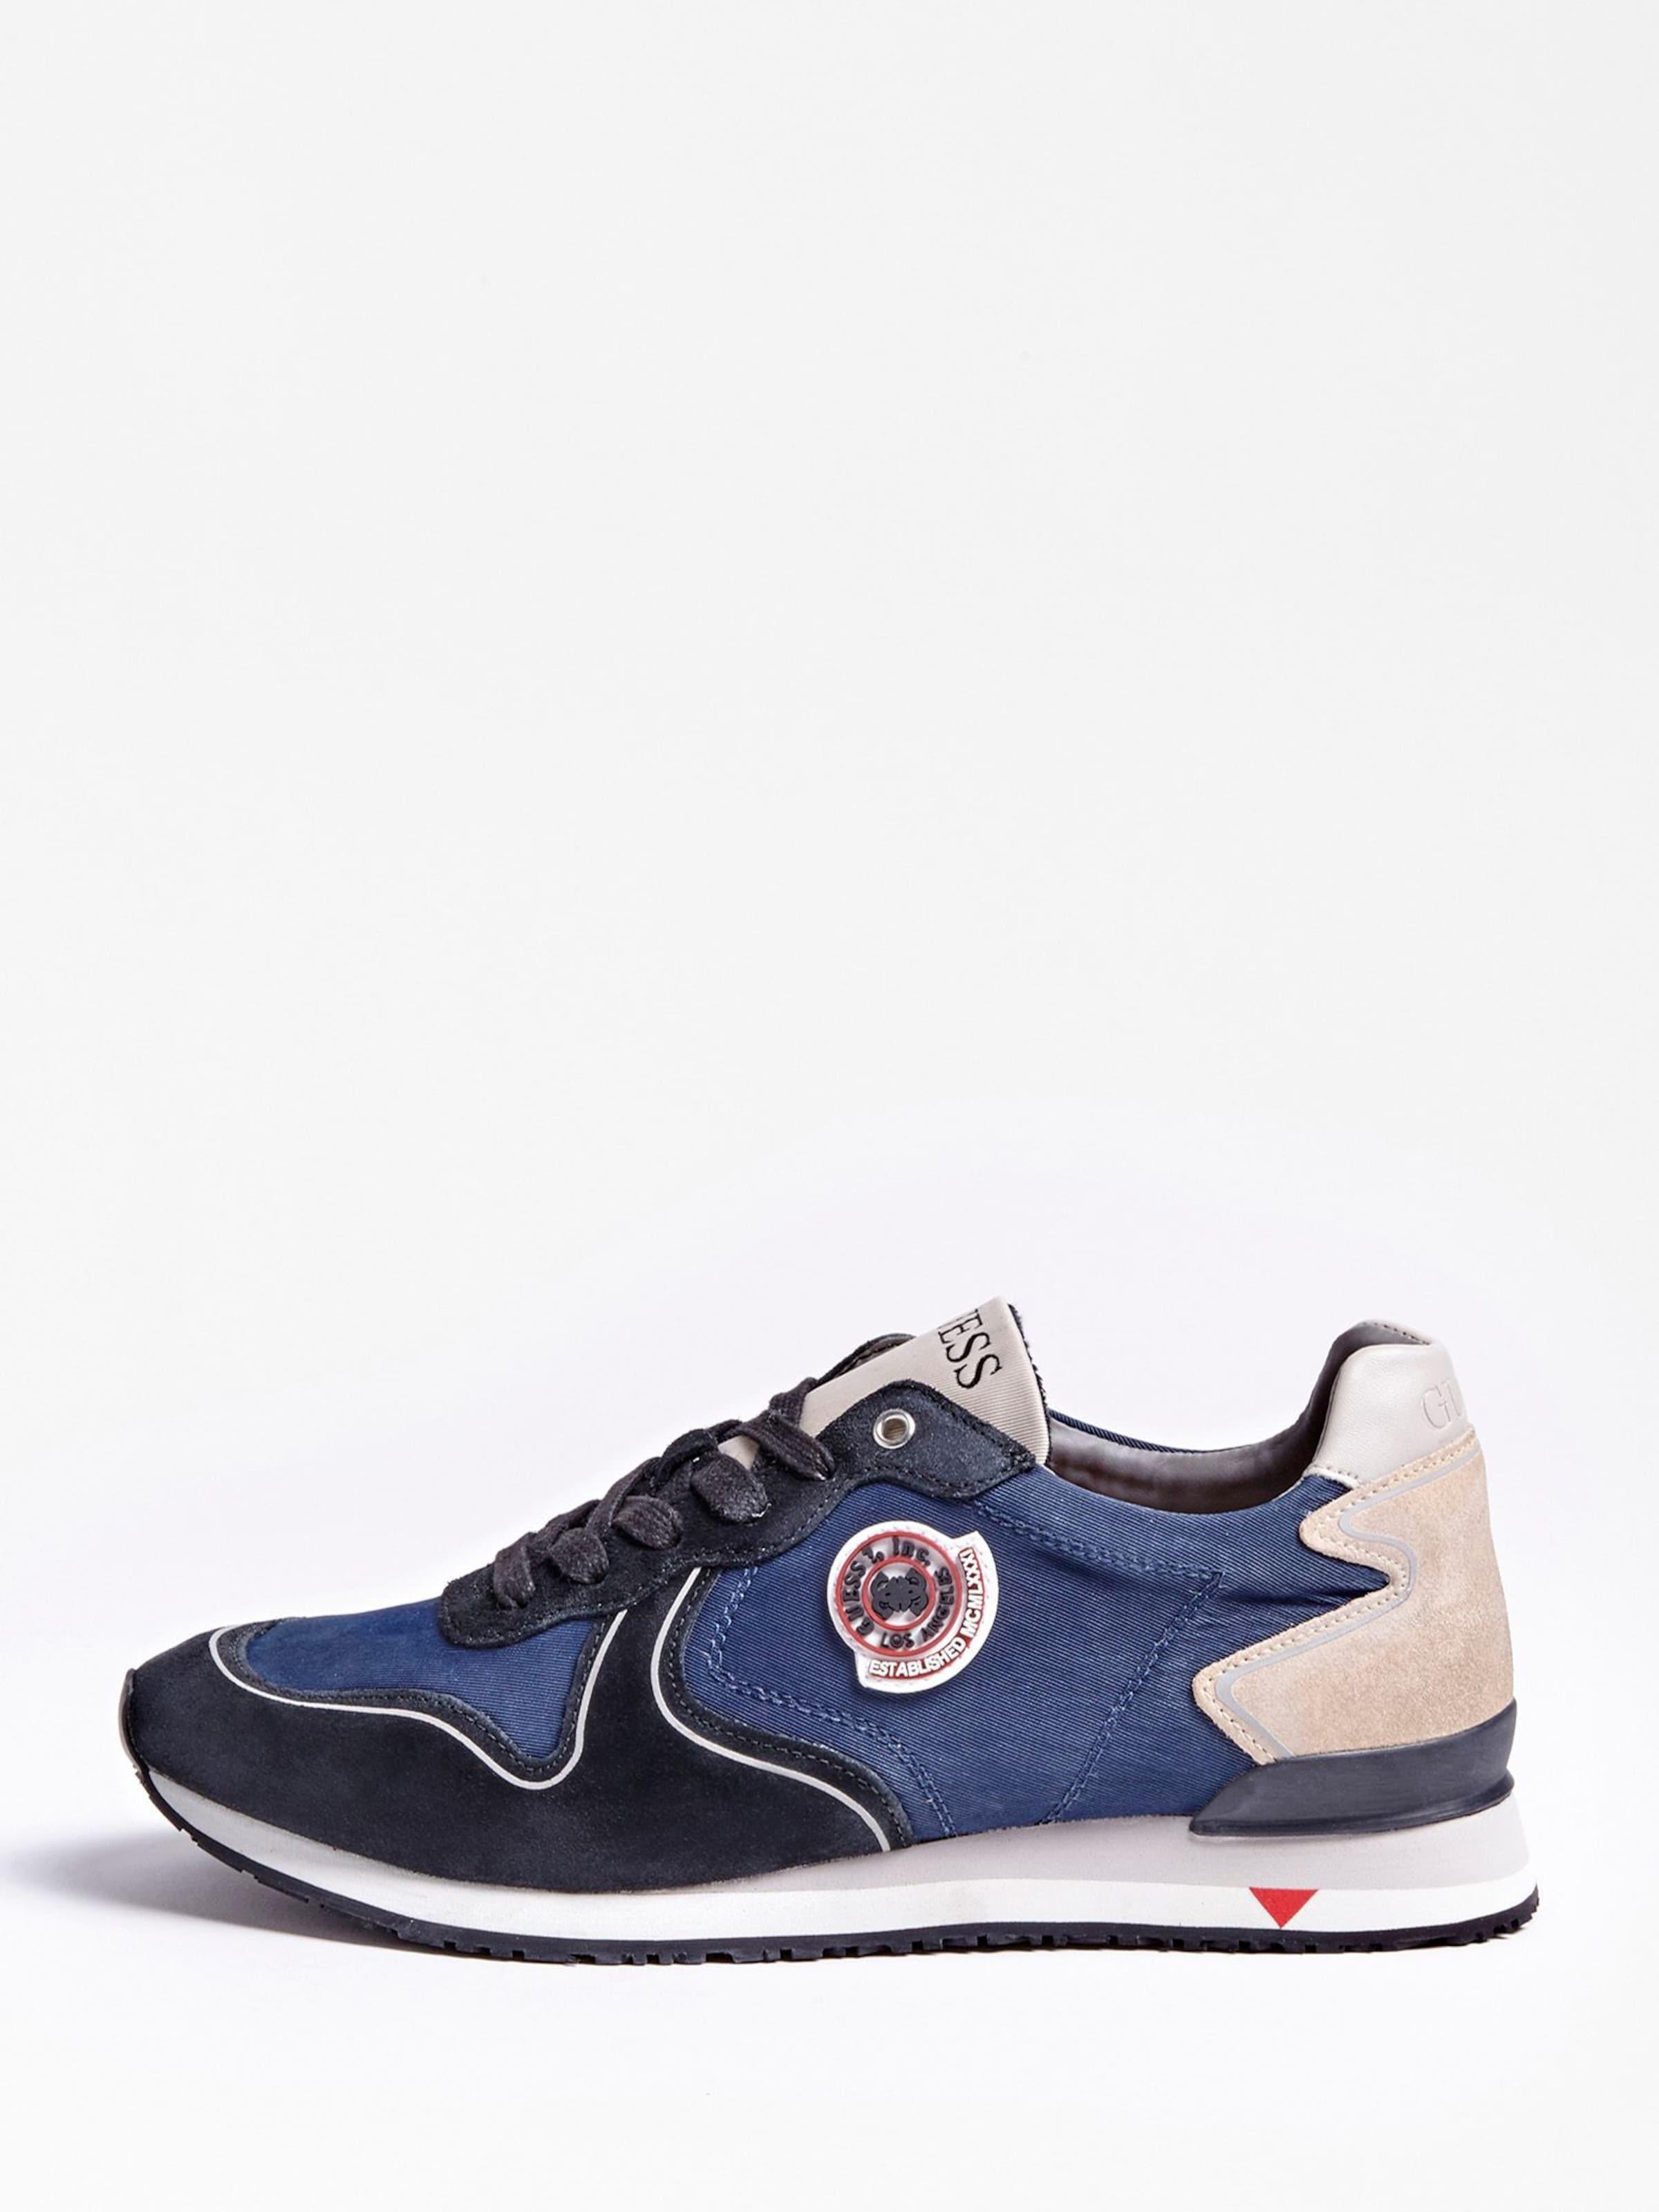 Glorym' 'new Sneaker In Guess Taubenblau BeigeNachtblau xeQBoEdrCW